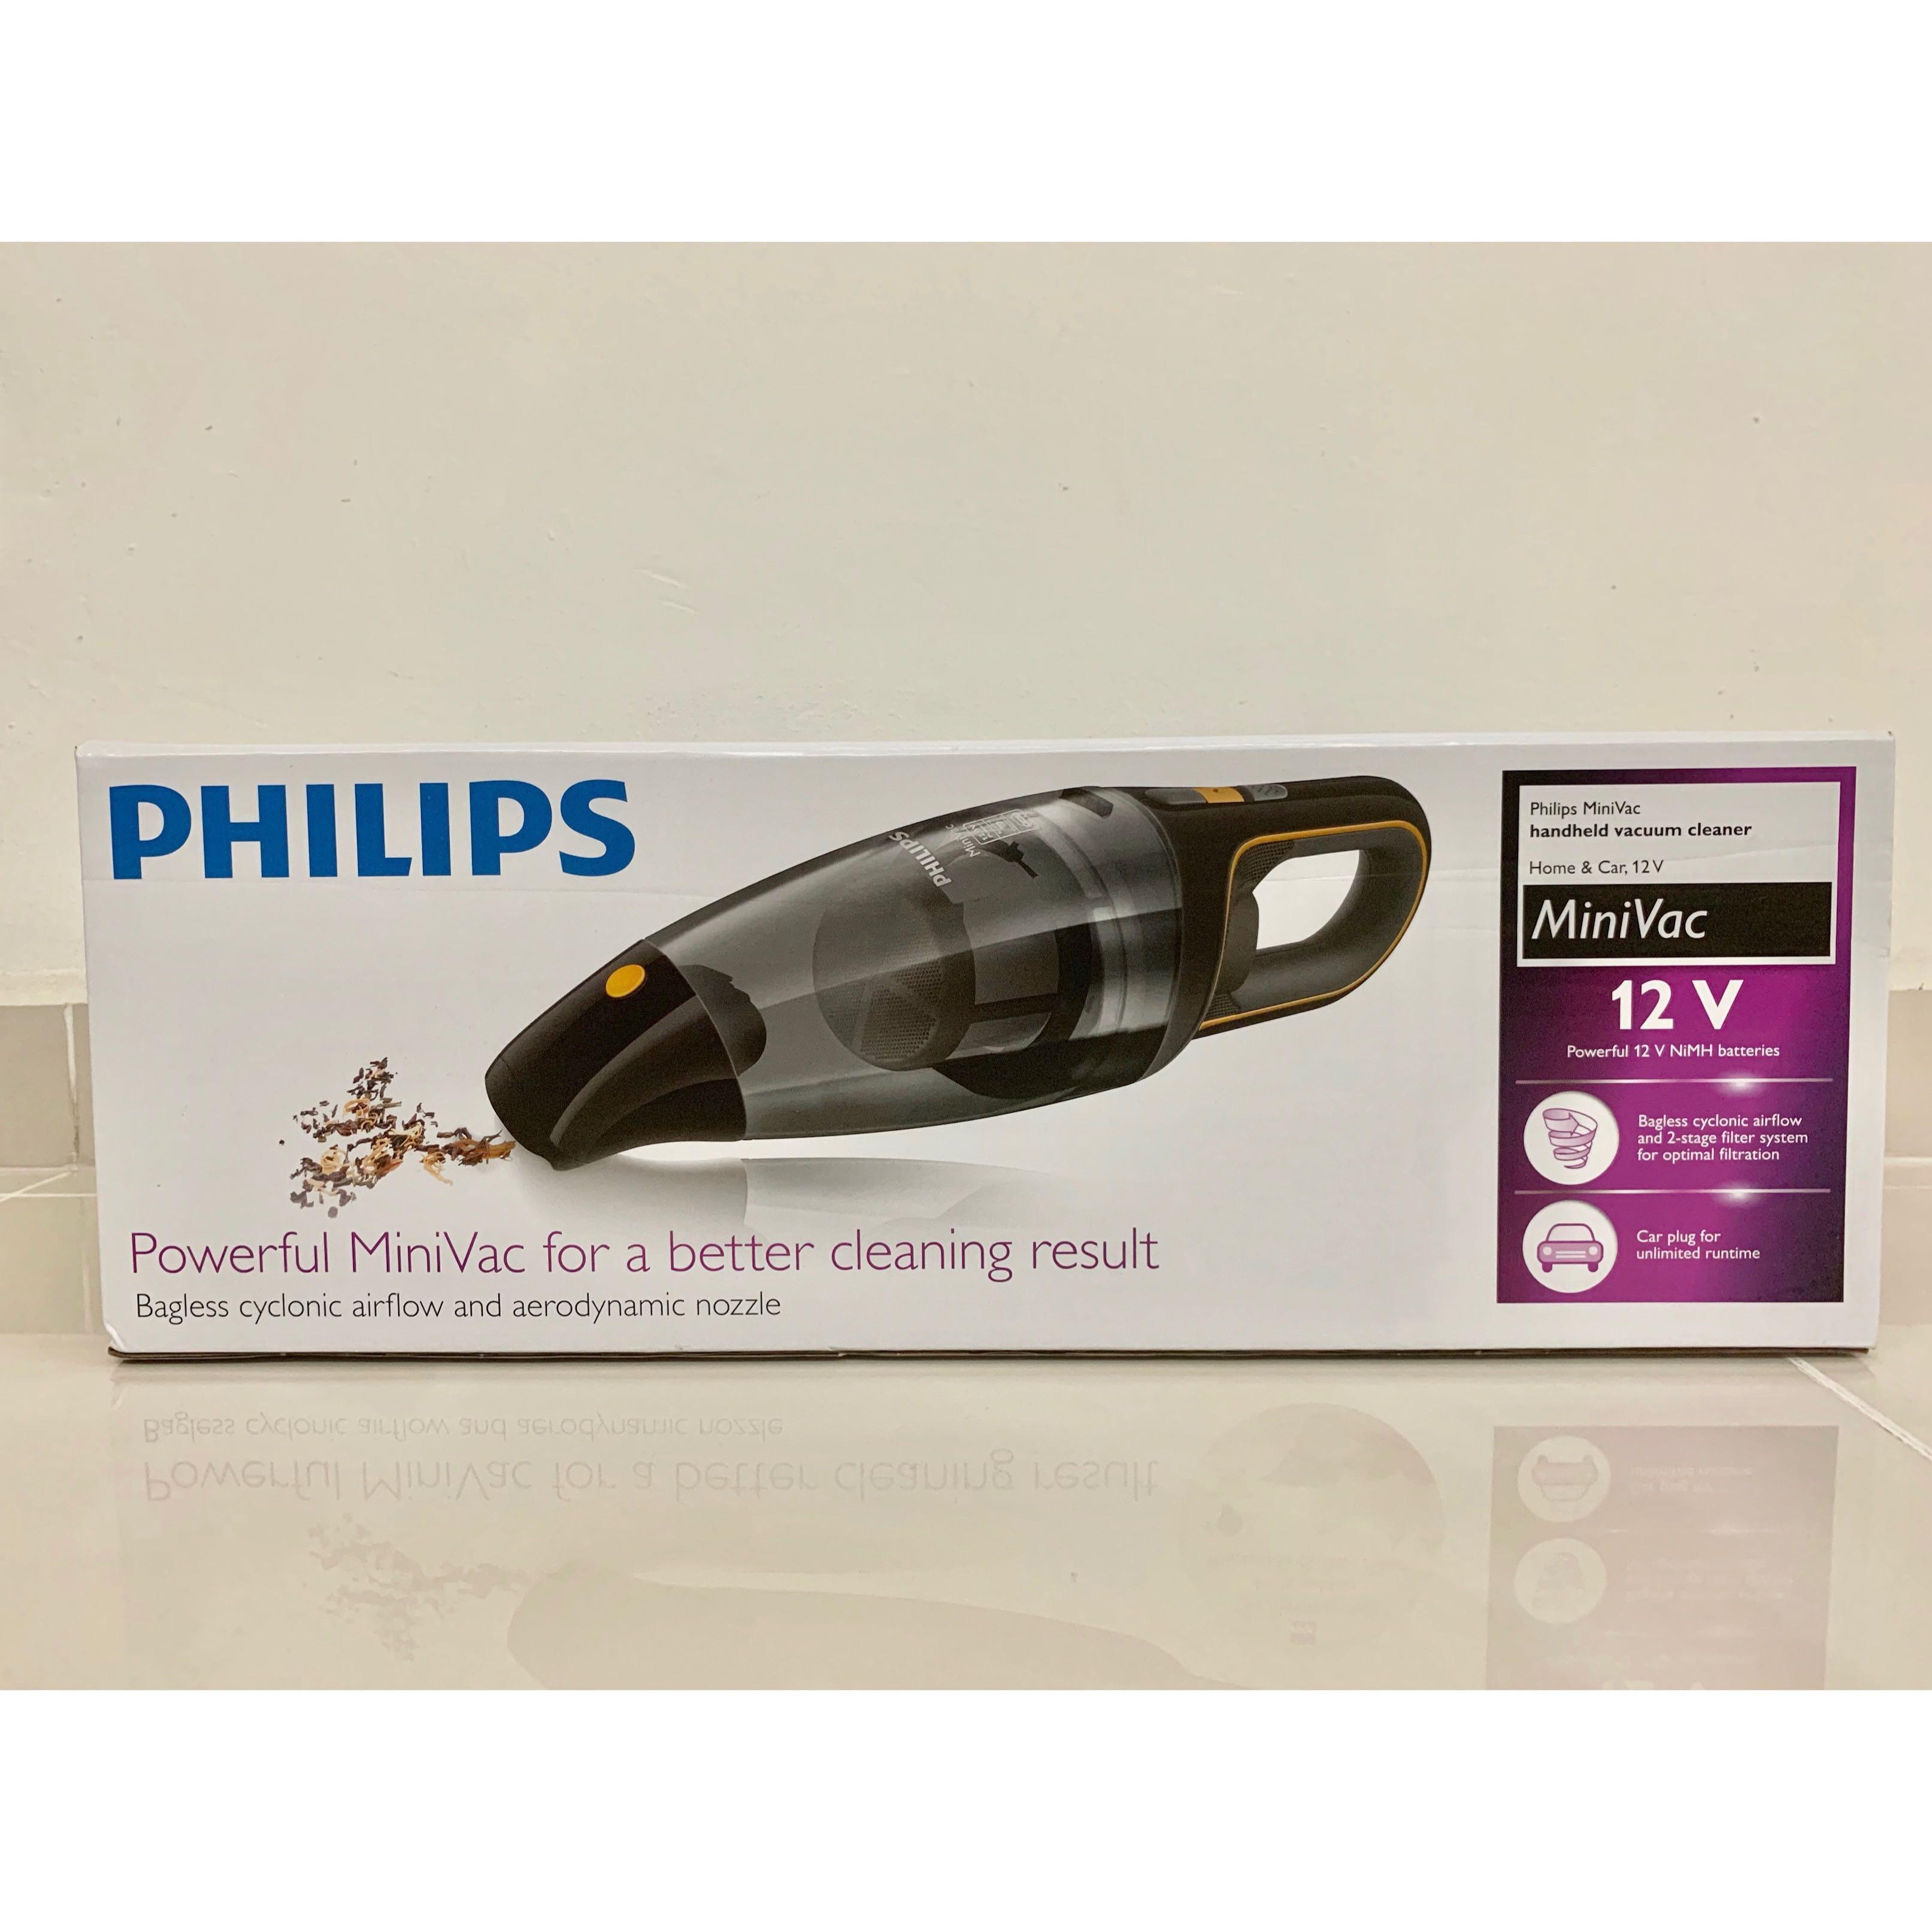 المكنسة الكهربائية المحمولة من فيلبس - FC6149